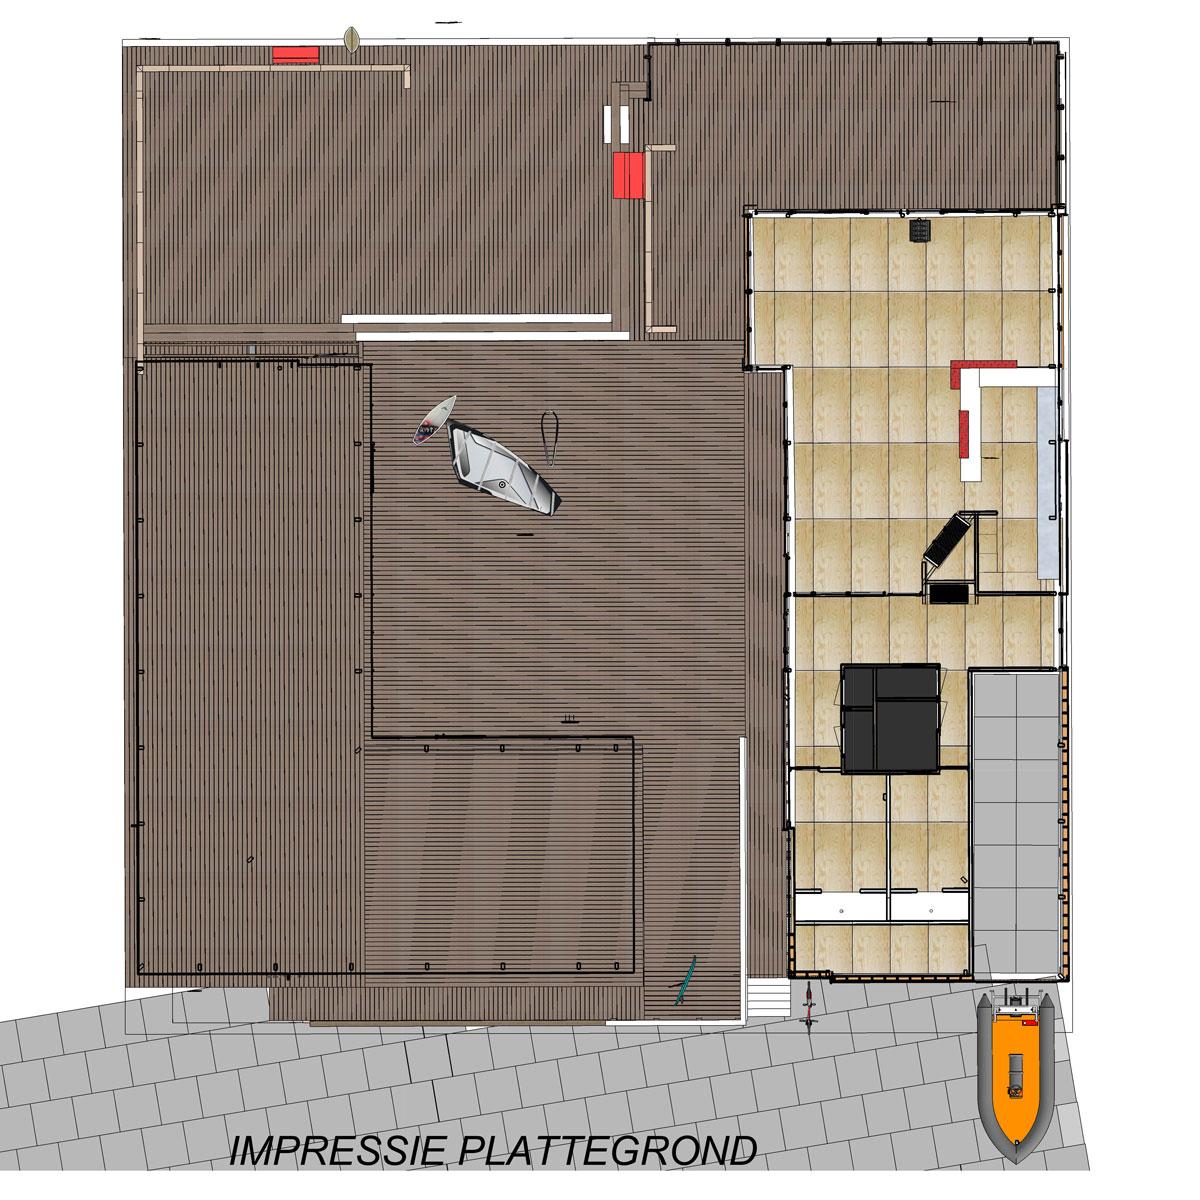 jts-p1-impressie-03-plattegrond